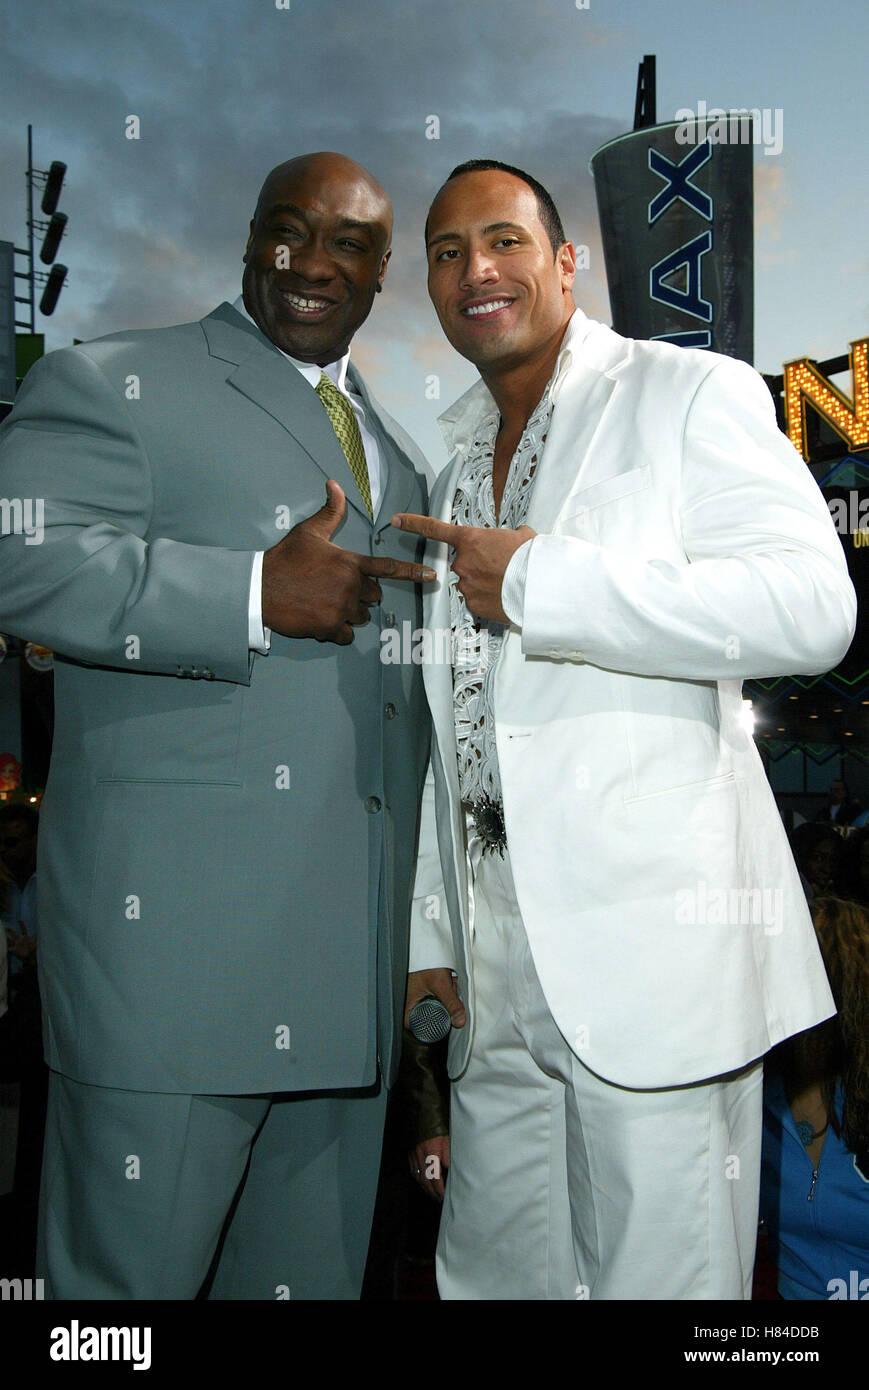 ¿Cuánto mide Dwayne Johnson (The Rock)? - Altura - Real height Michael-clarke-duncan-rock-el-rey-del-escorpion-pelicula-prem-universal-city-los-angeles-estados-unidos-el-17-de-abril-de-2002-h84ddb